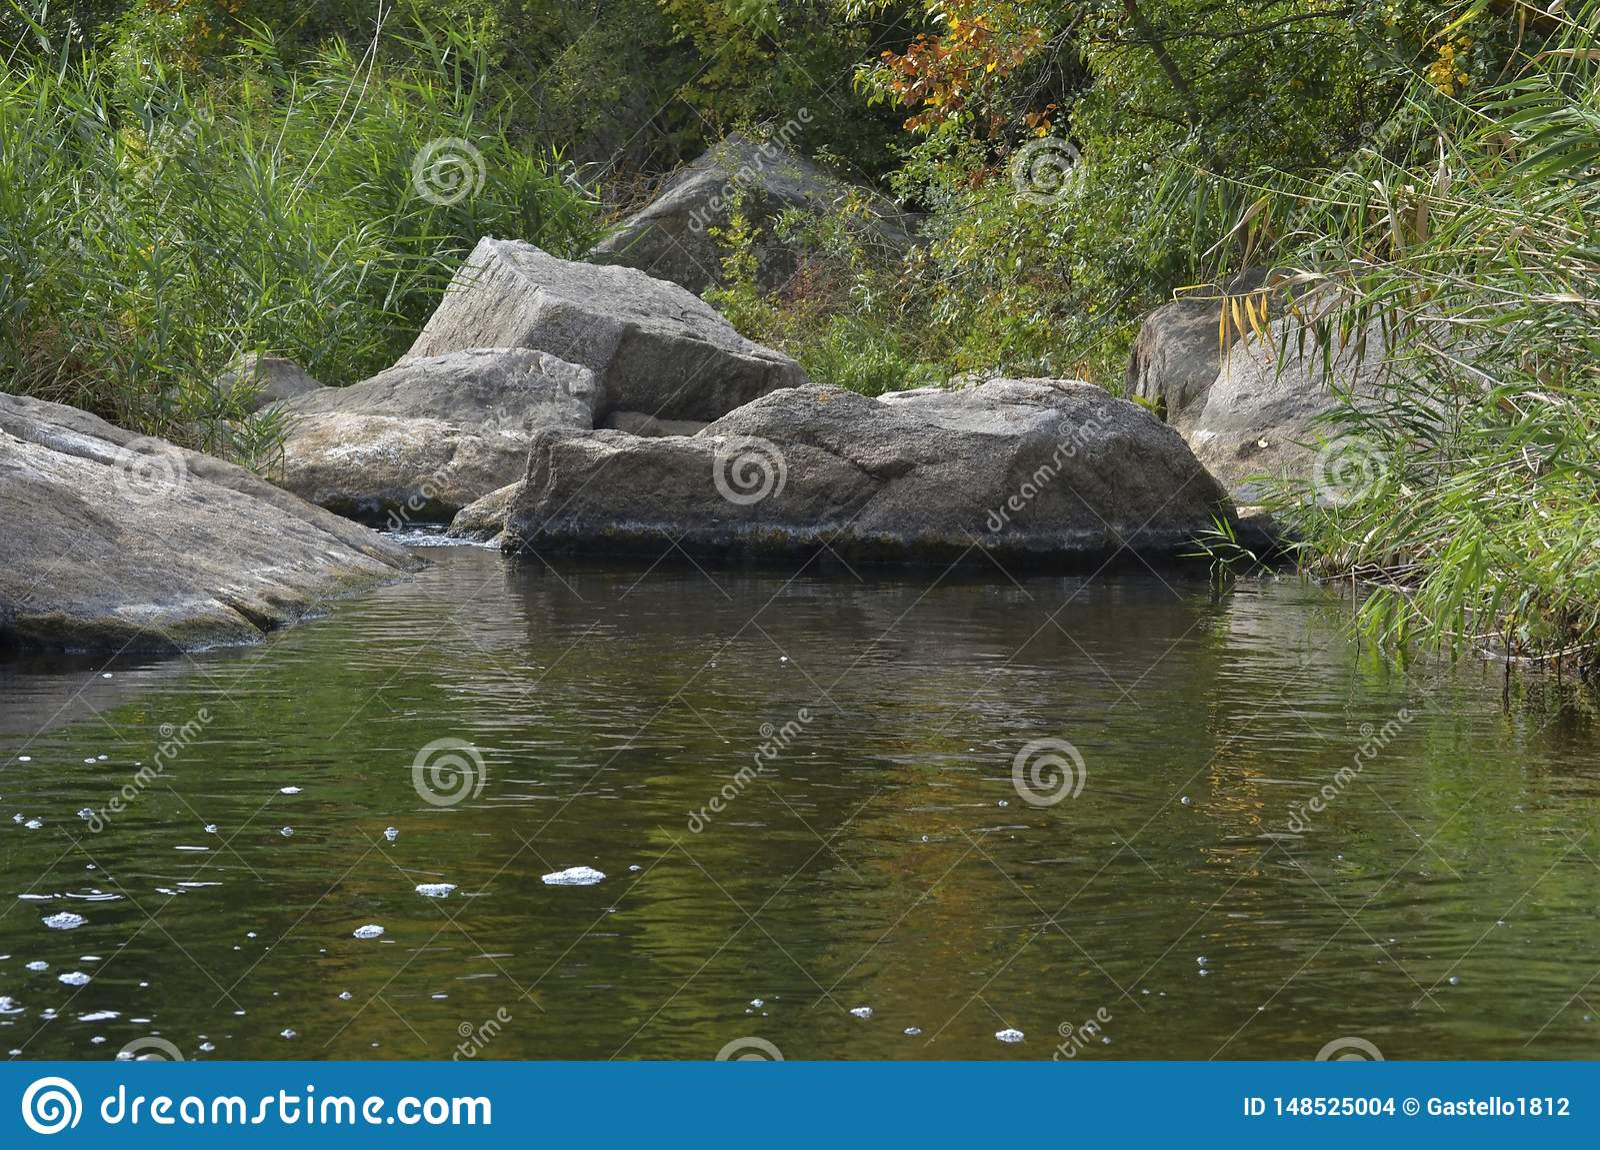 石急流在哪些流程的河Deadwater/Mertvovod沿Aktovsky峡谷的底部